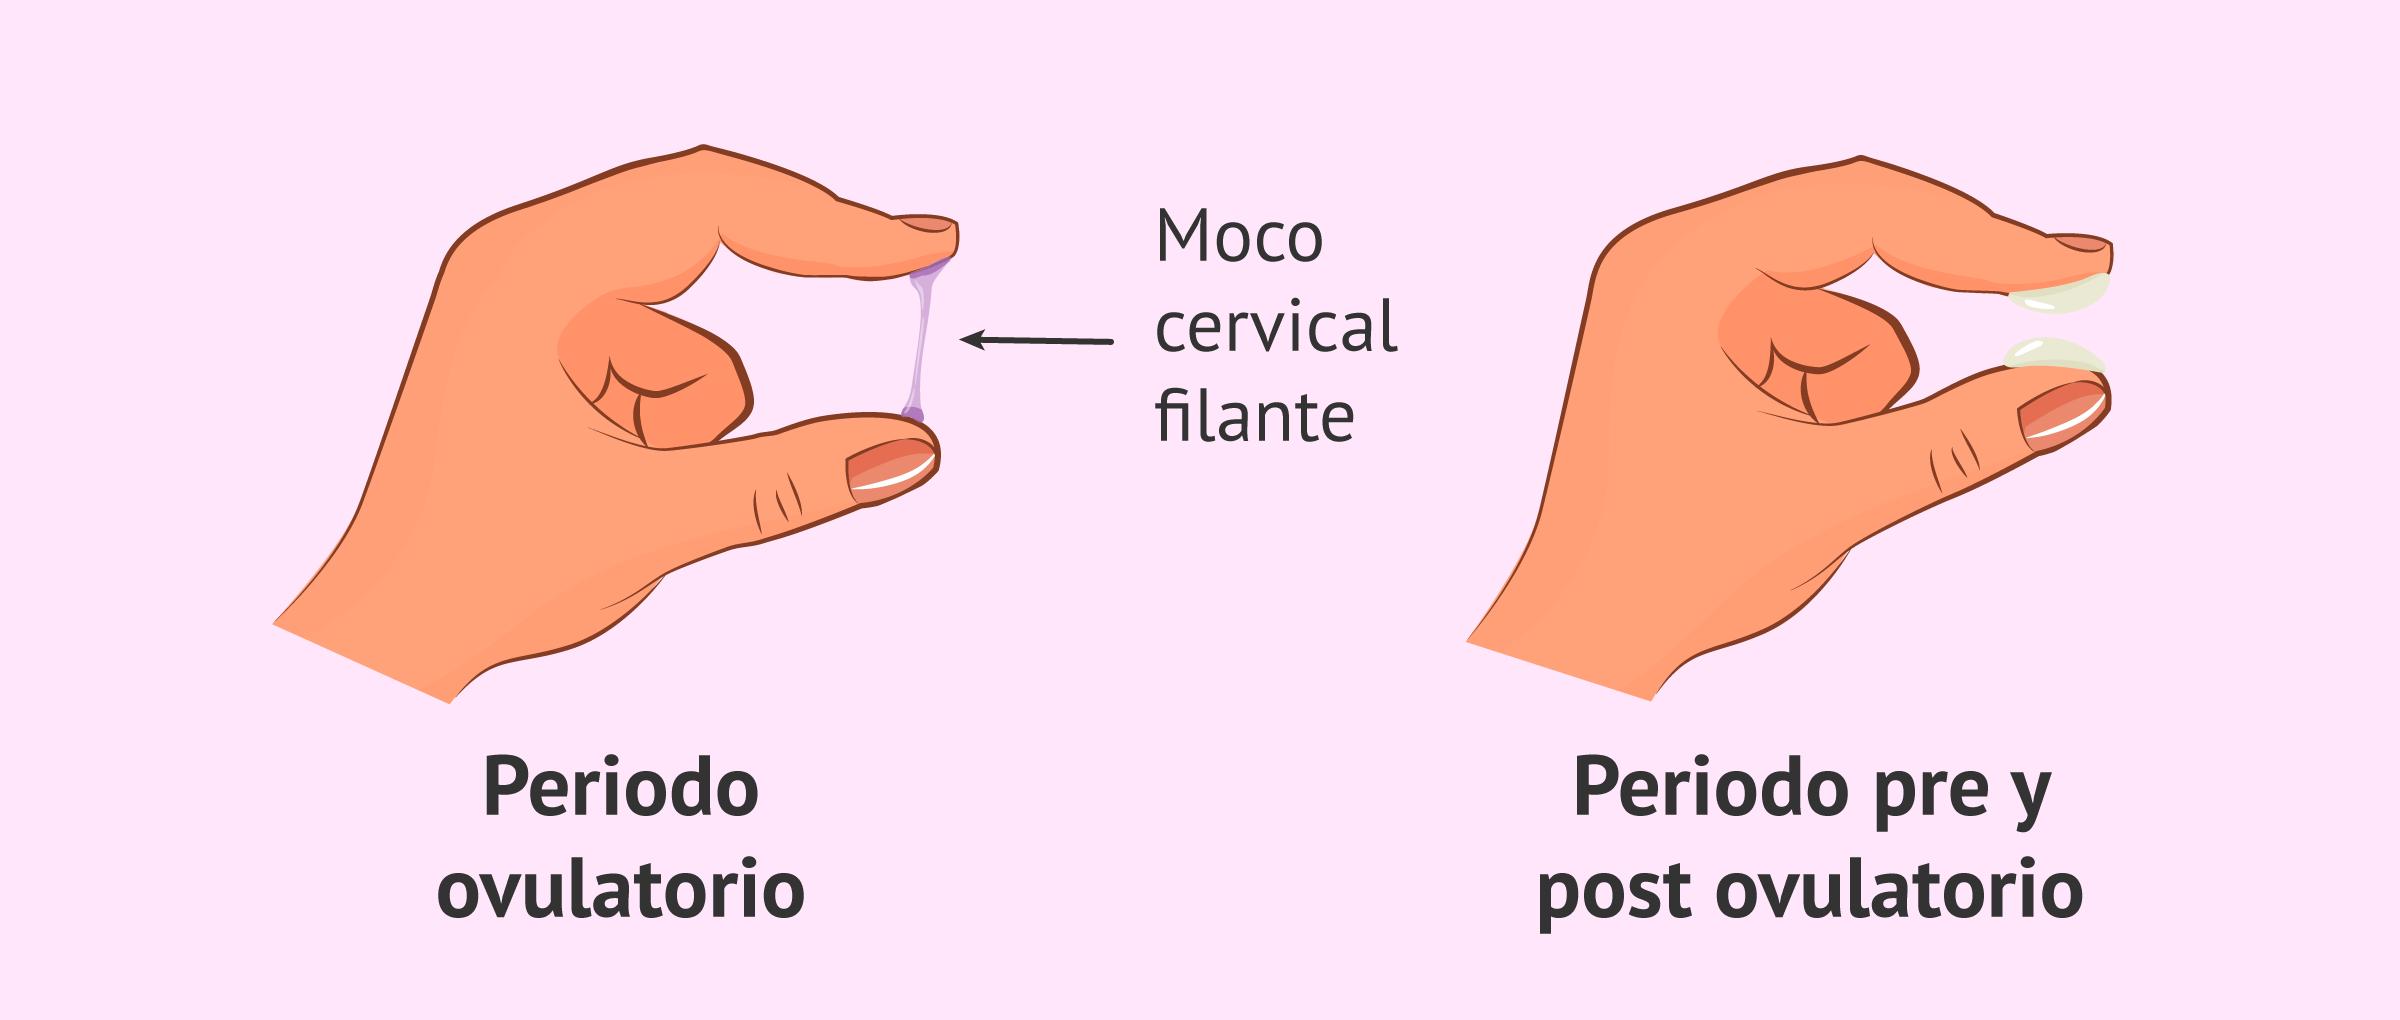 Cambios del moco cervical durante el ciclo menstrual